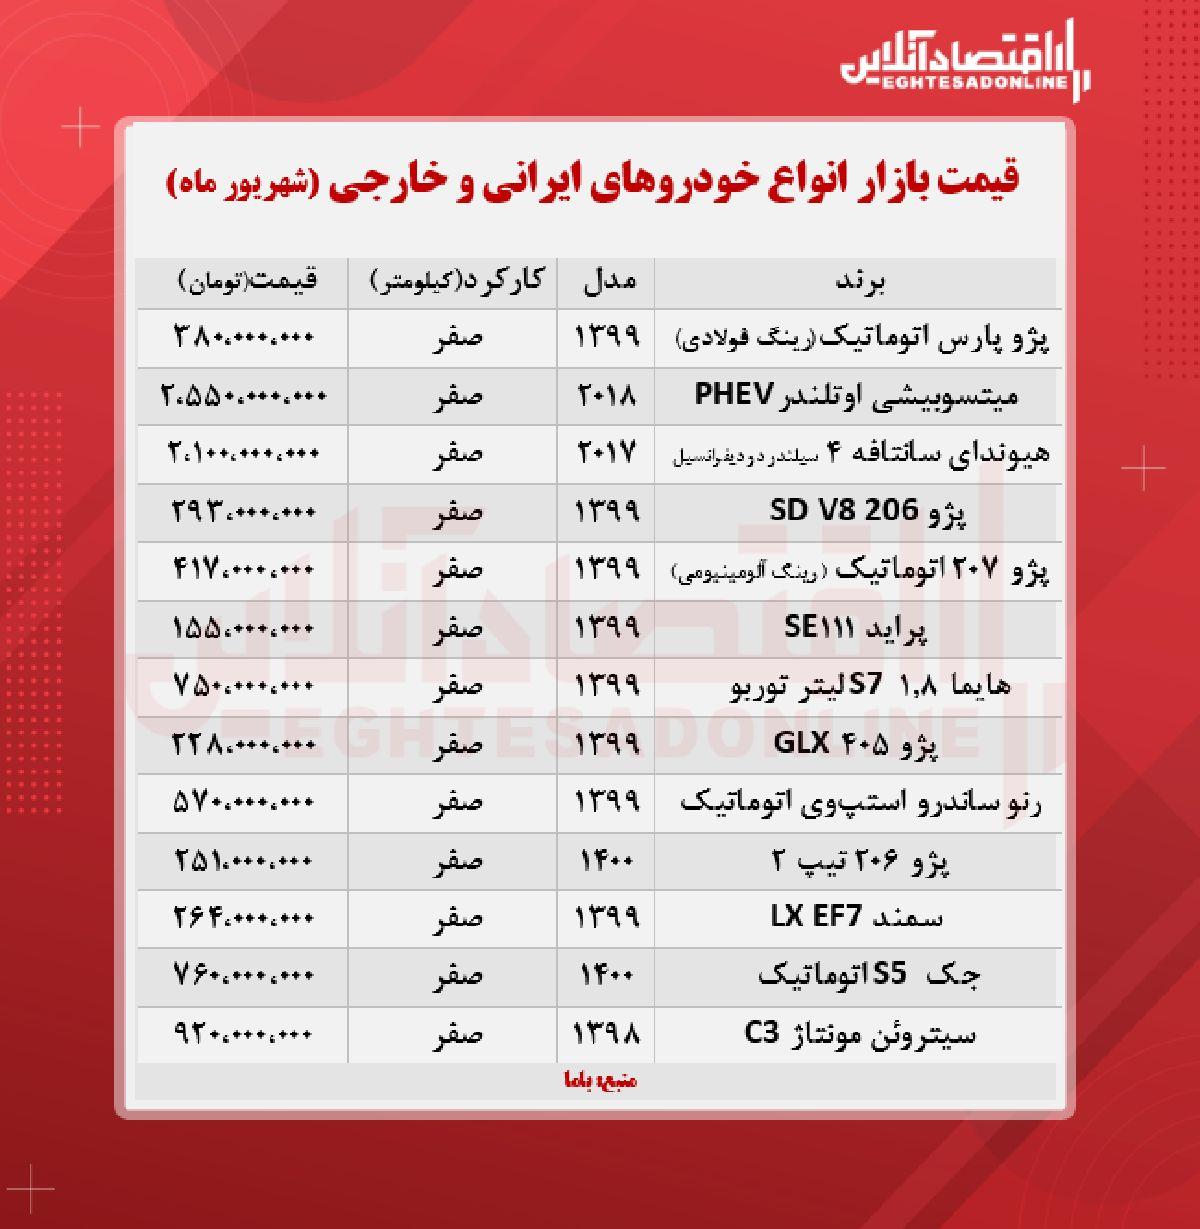 قیمت خودرو امروز ۱۴۰۰/۶/۹